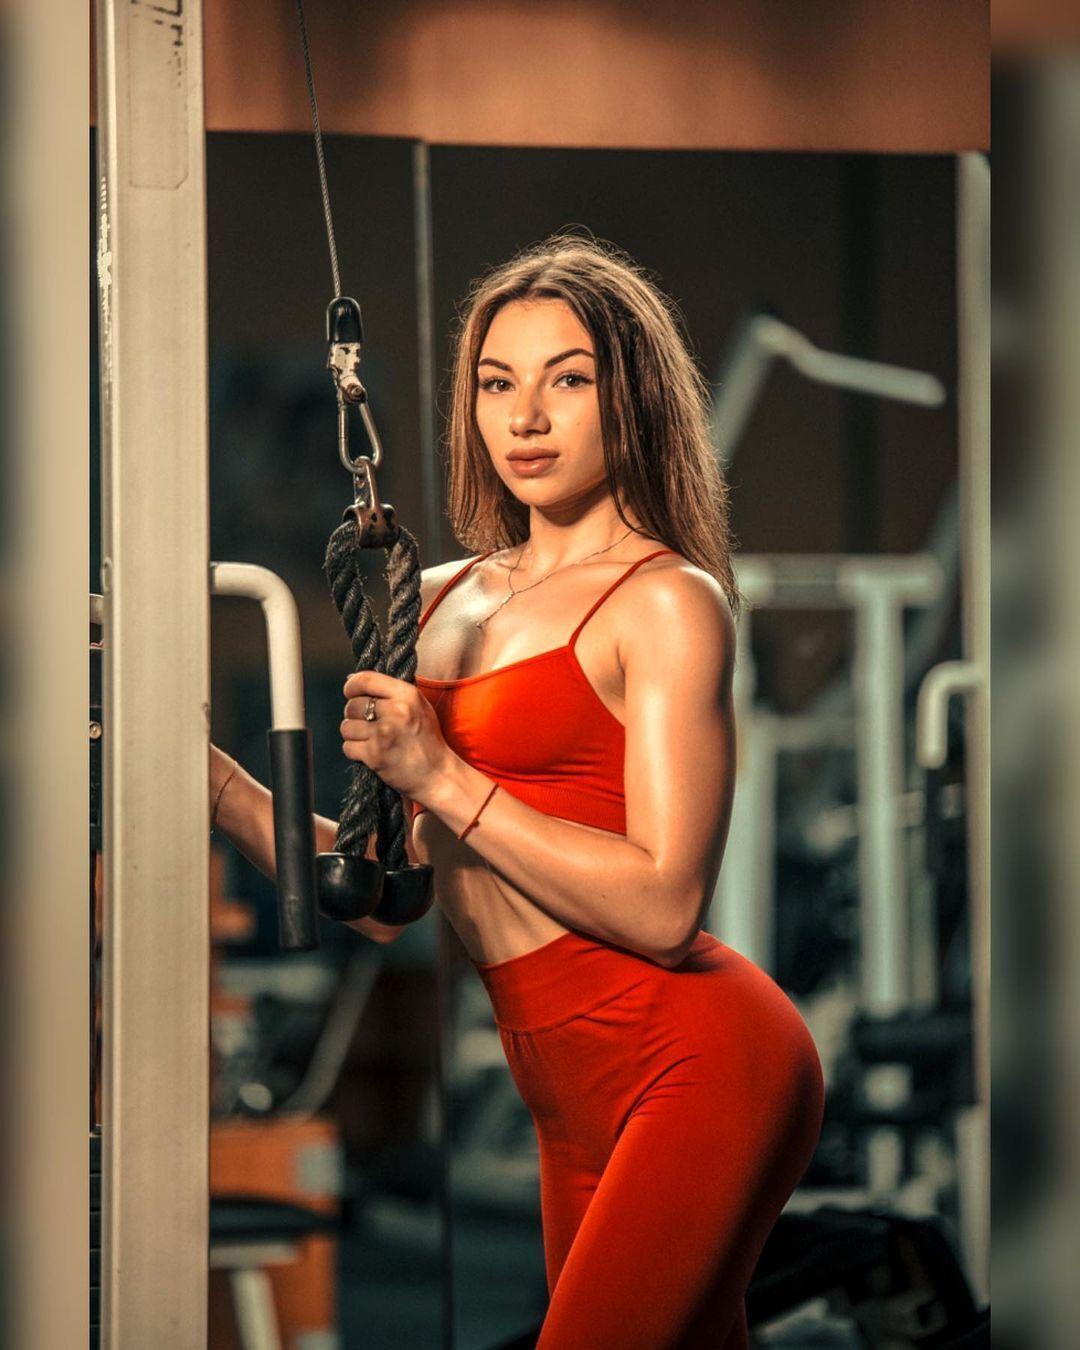 Вікторія Черненко на тренуванні